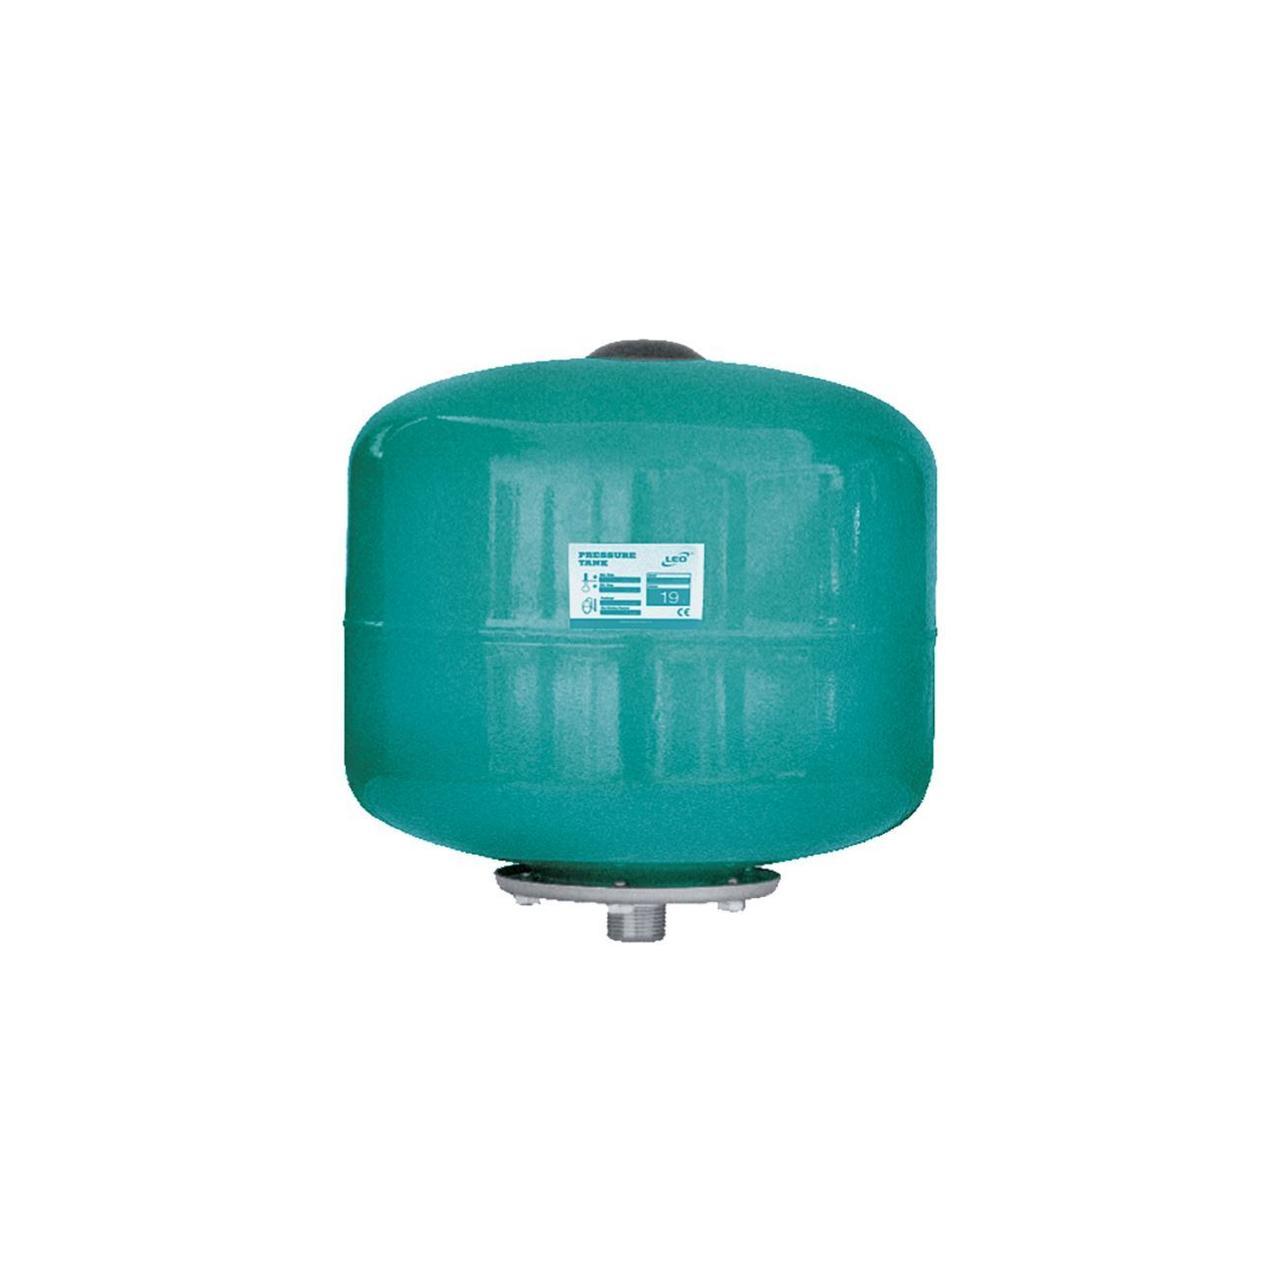 Гидроаккумулятор 24VT